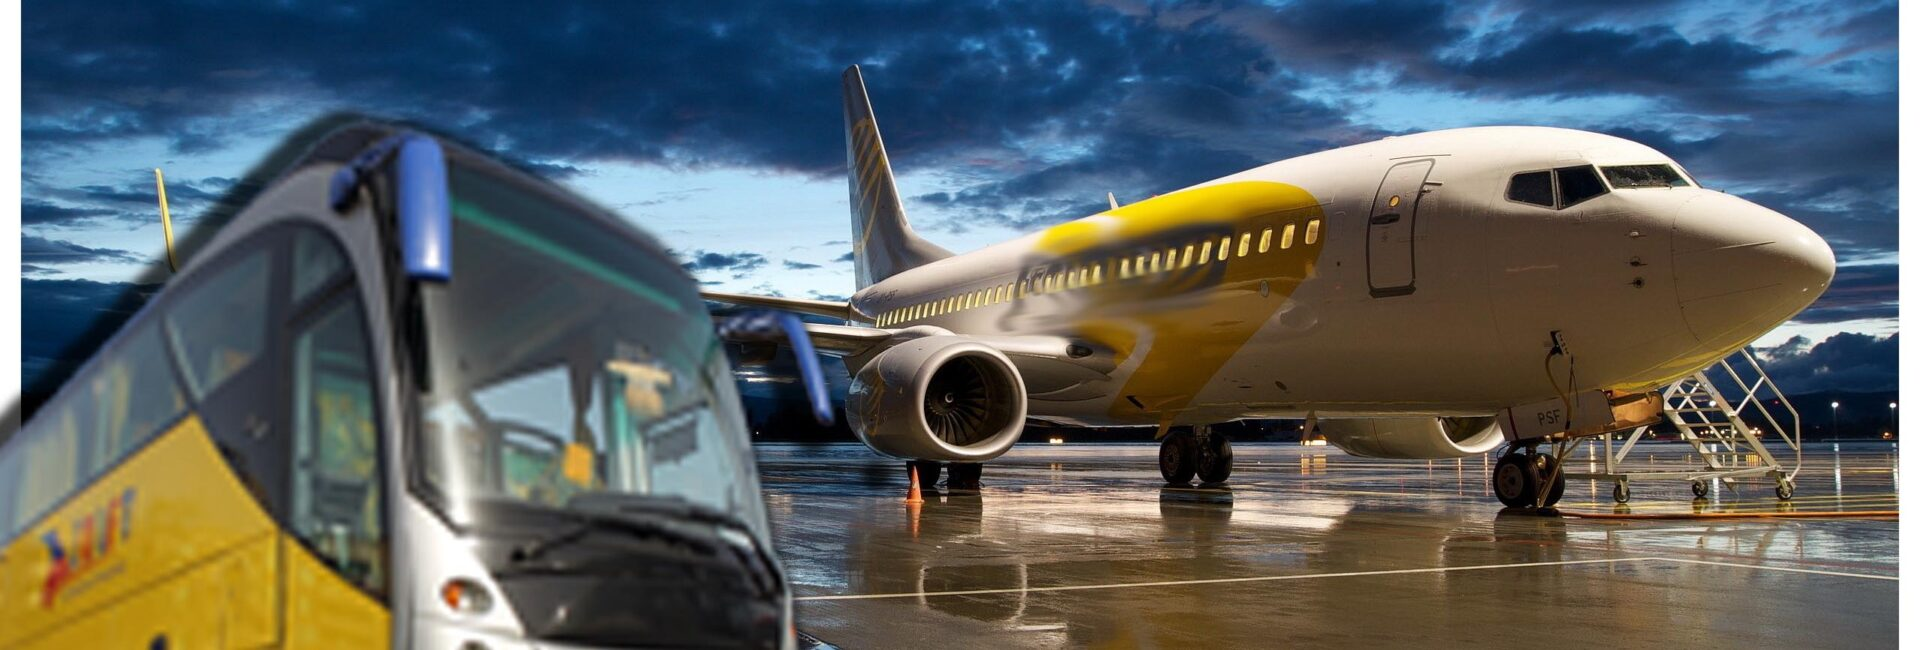 Aswan Airport Transfer